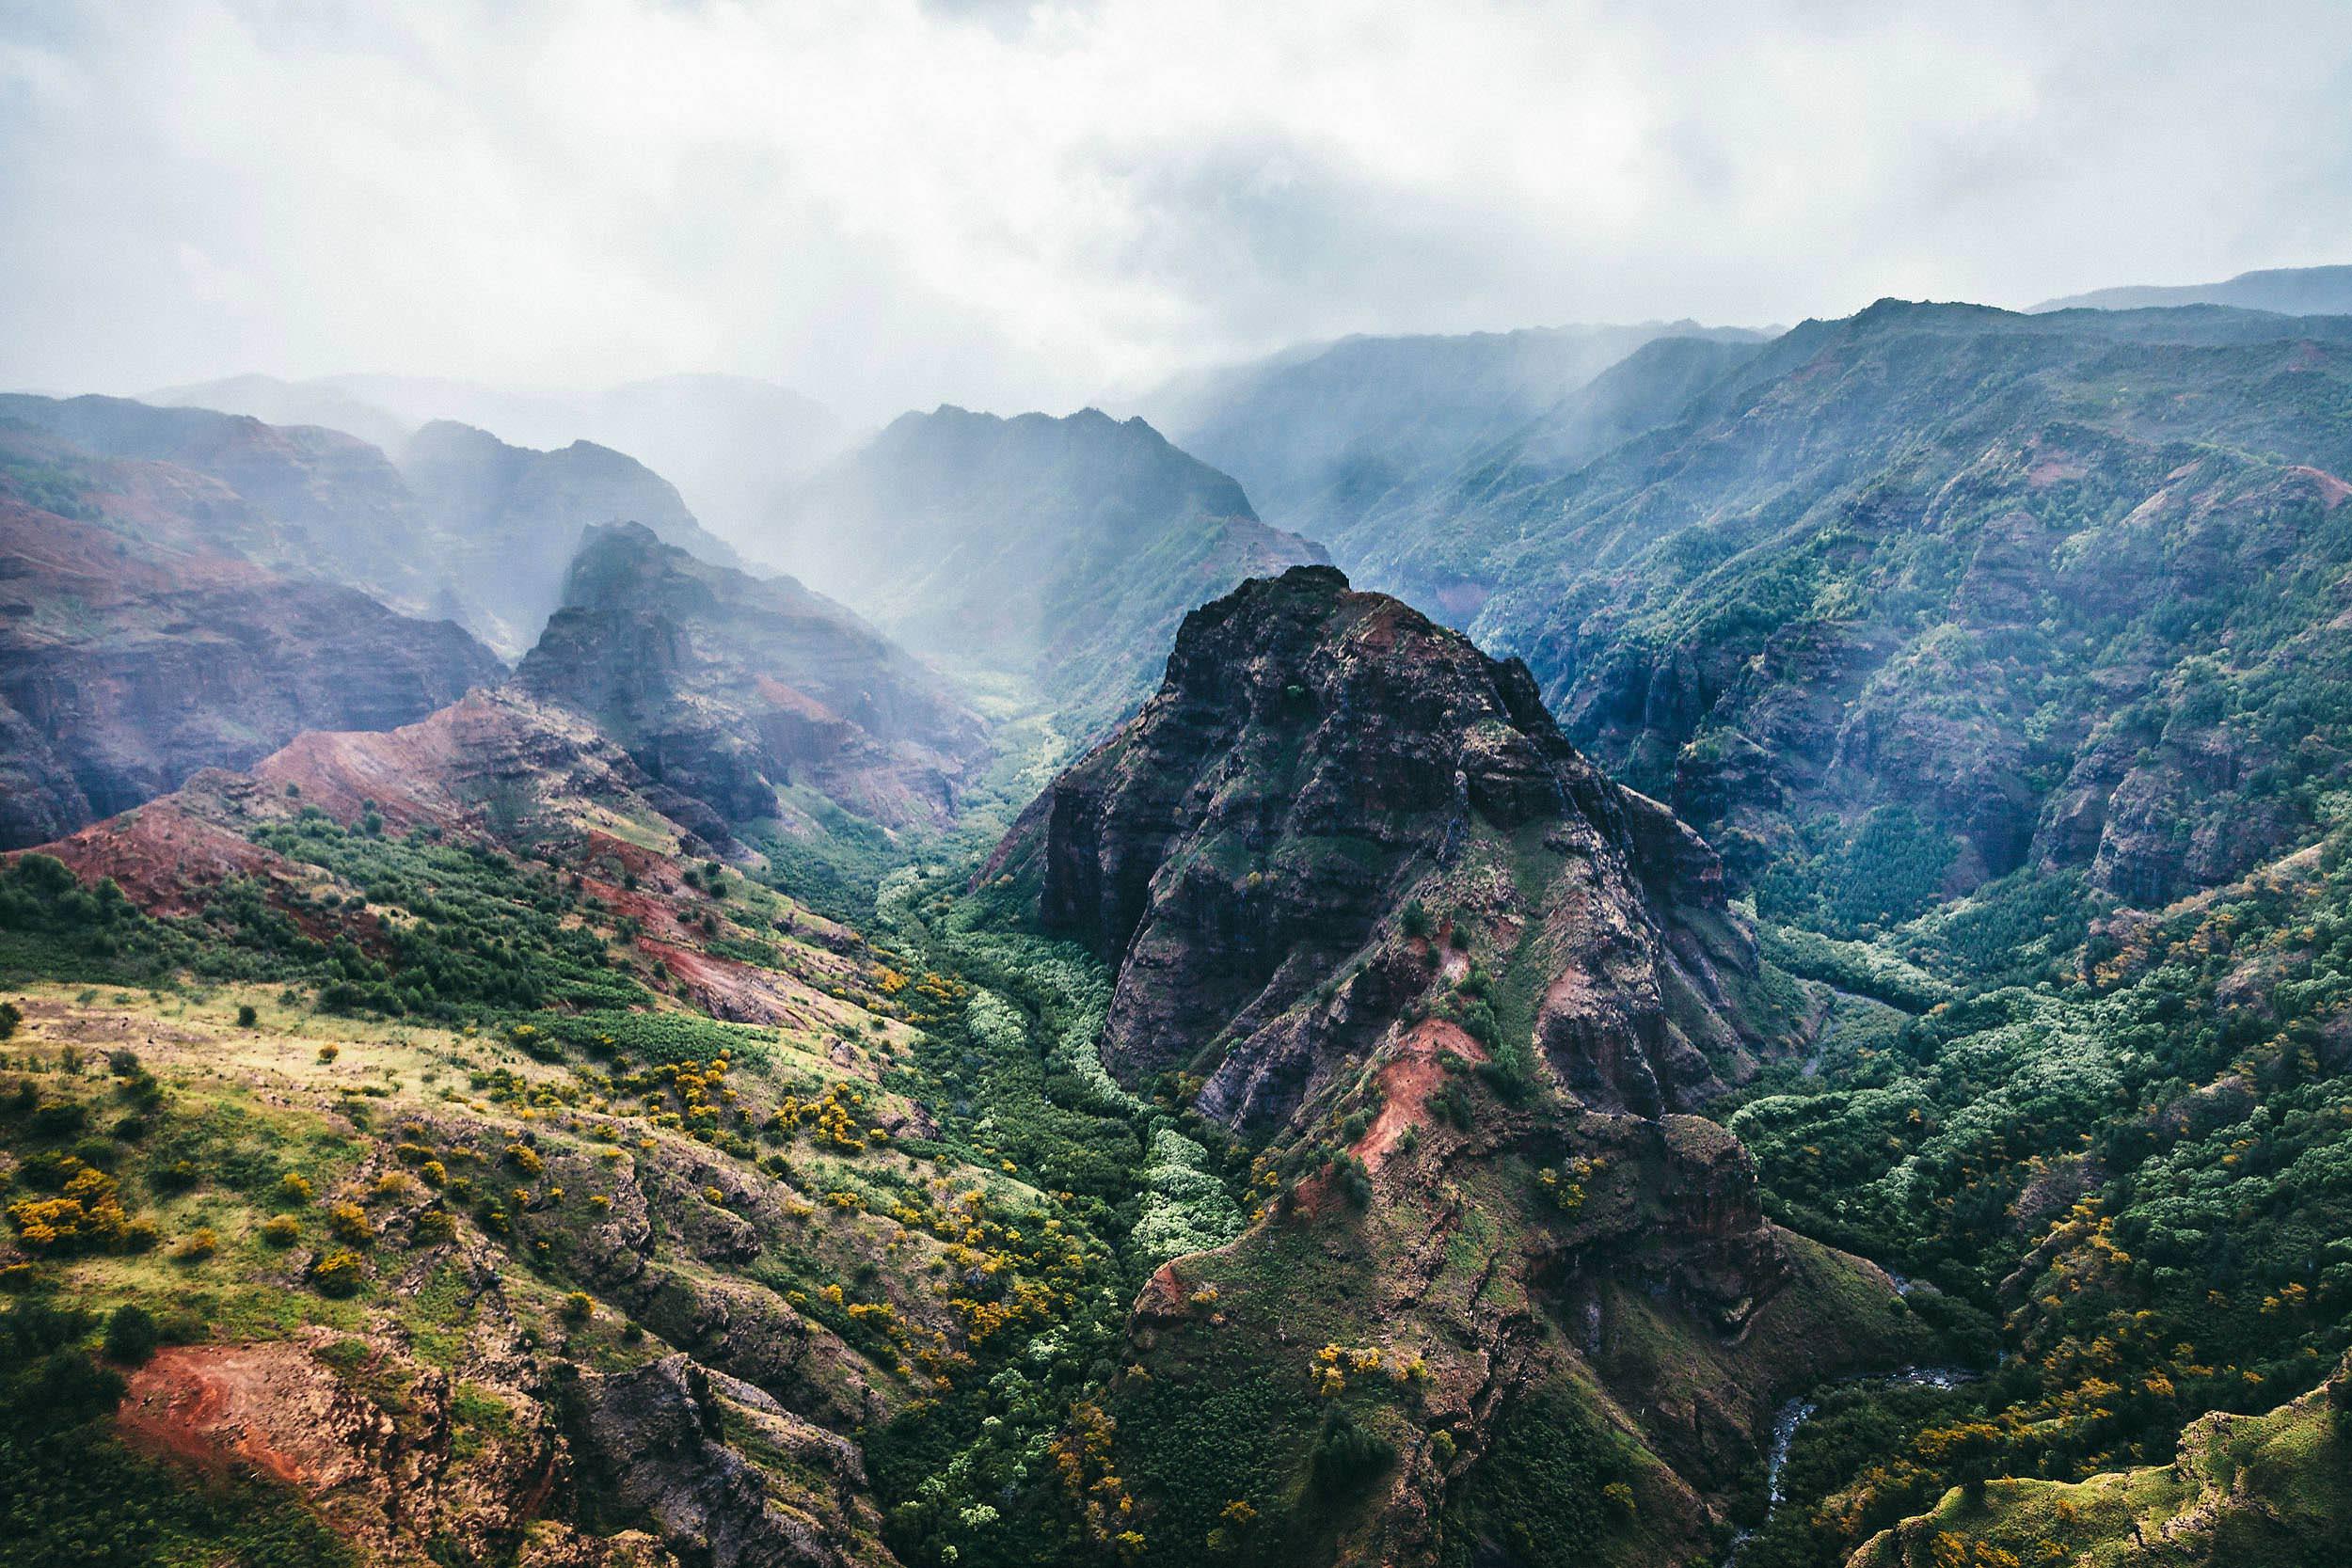 Kauai-FamilyTrip-7732.jpg